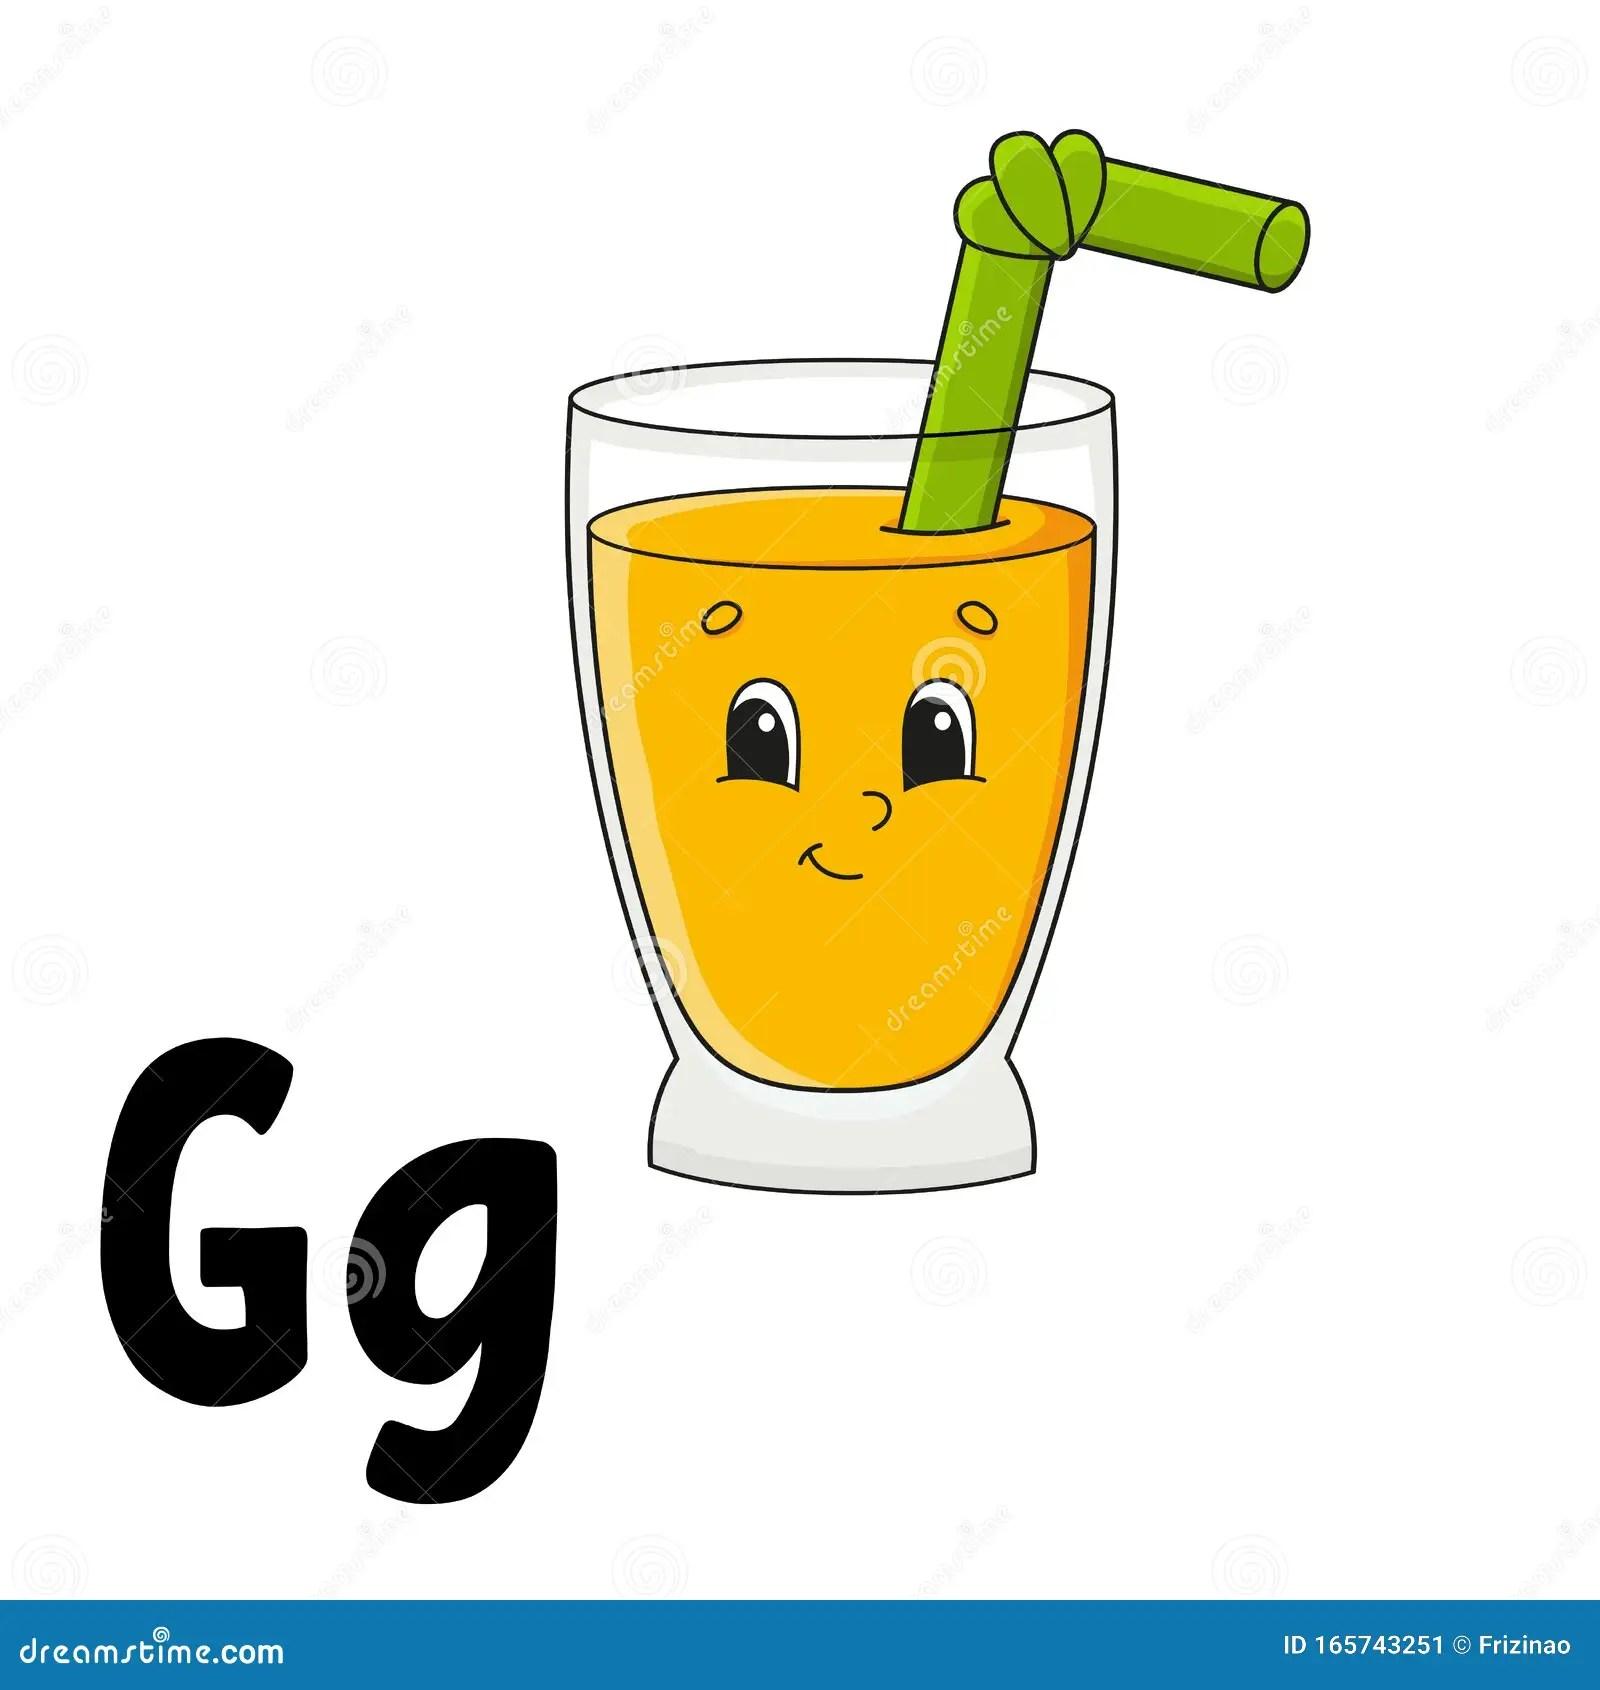 Funny Alphabet Abc Flash Cards Cartoon Cute Character